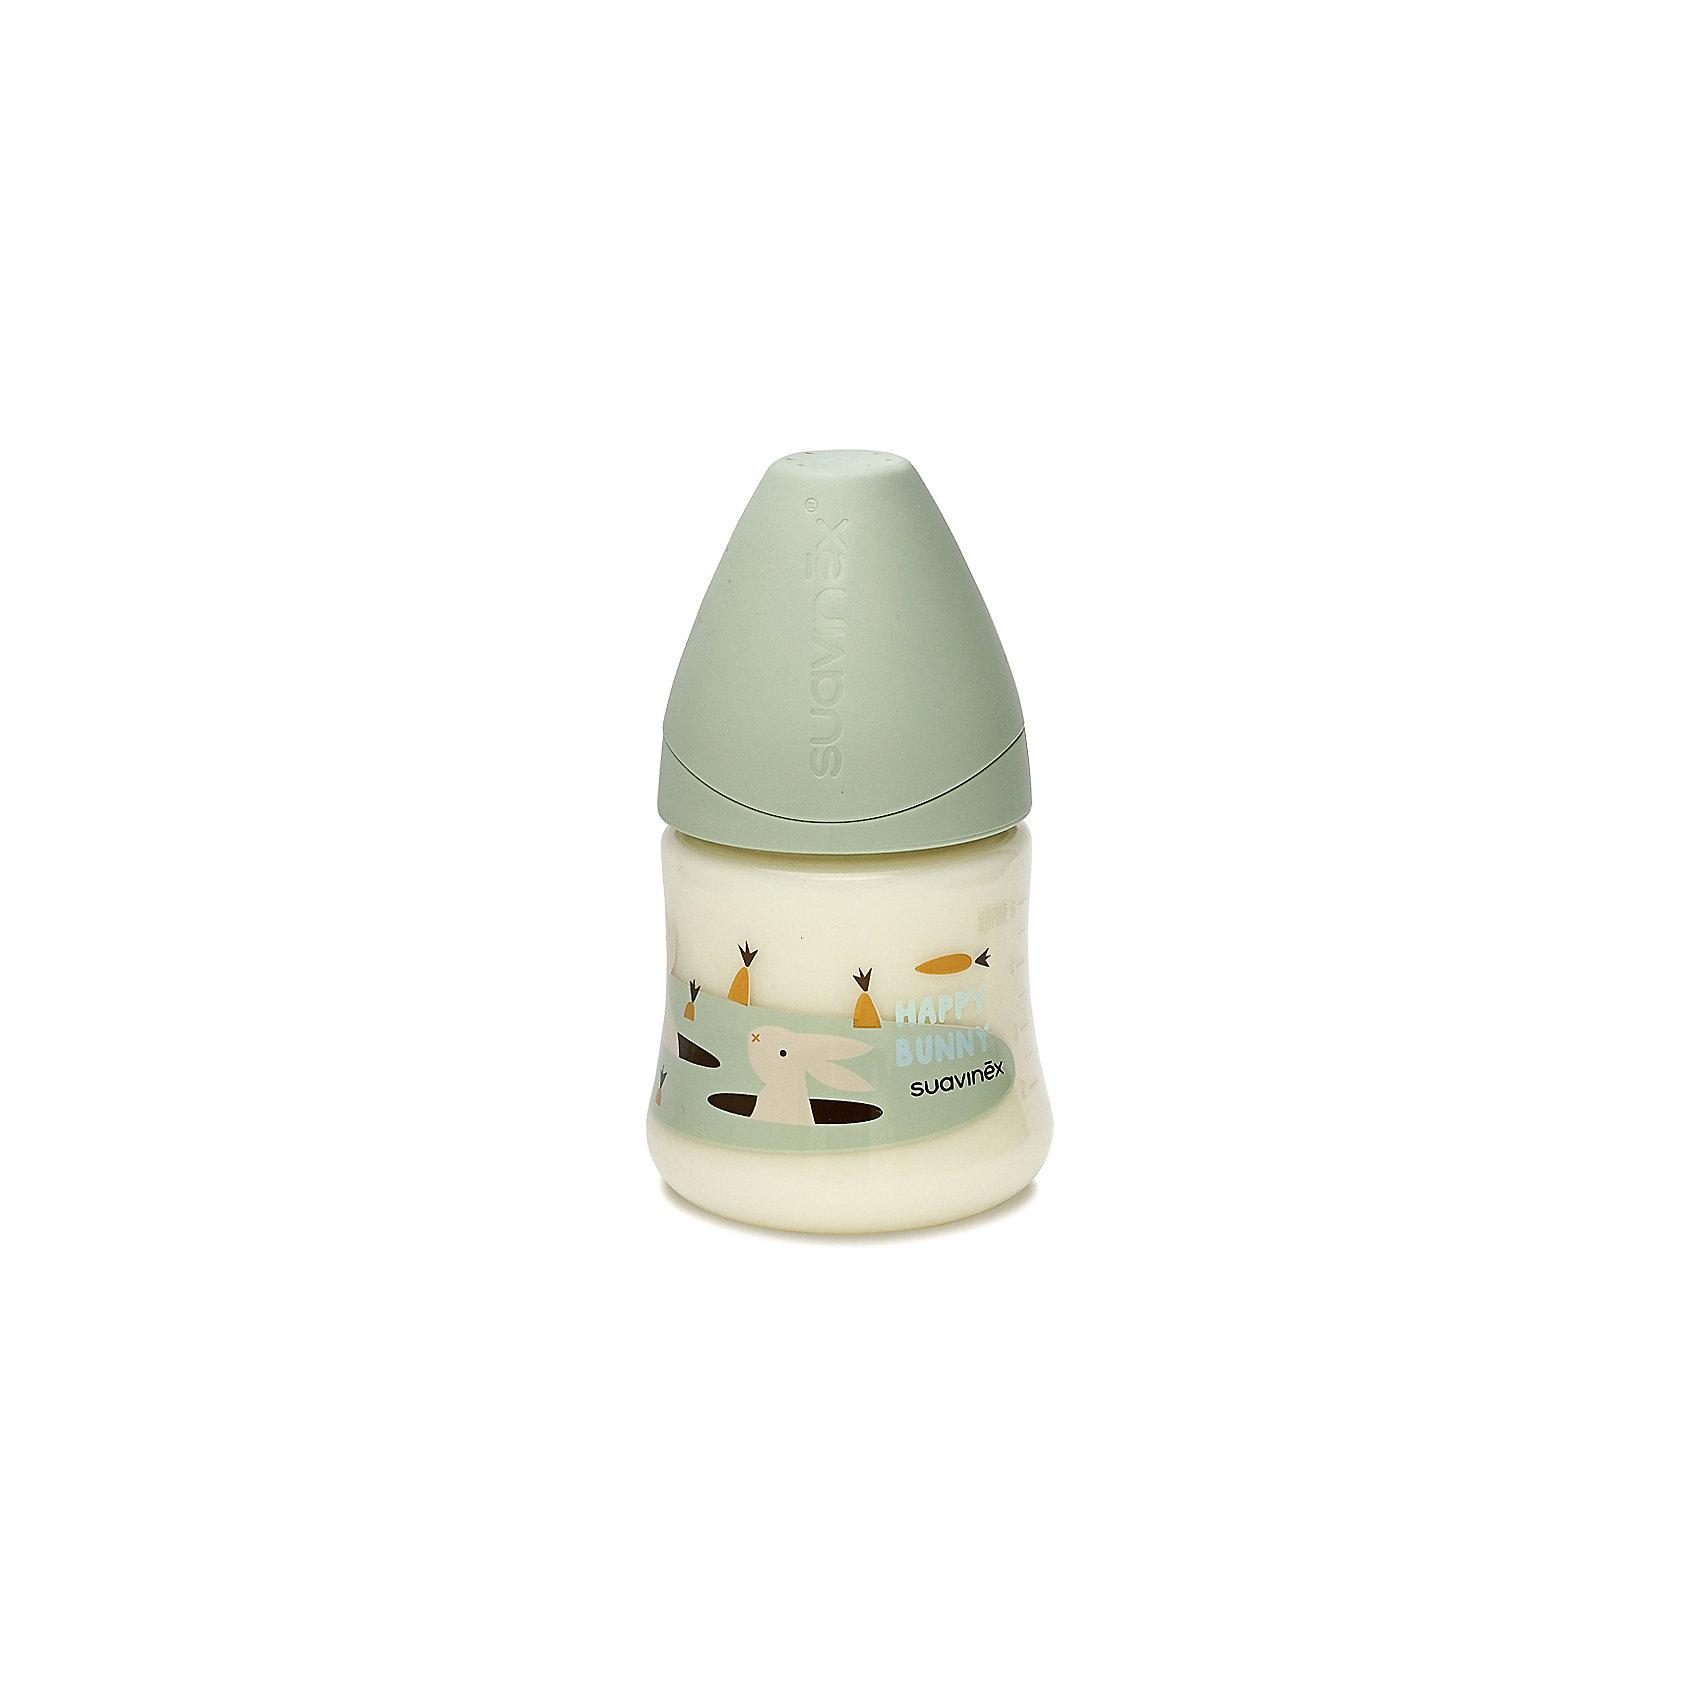 Бутылка 150мл от 0мес до 6мес., Suavinex, зеленый кроликХарактеристики:<br><br>• Наименование: бутылка для кормления<br>• Рекомендуемый возраст: от 0 до 6 месяцев<br>• Пол: универсальный<br>• Объем: 150 мл<br>• Материал: силикон, пластик<br>• Цвет: зеленый, белый, оранжевый<br>• Рисунок: кролик, морковка<br>• Форма соски: анатомическая<br>• Поток у соски: медленный<br>• Комплектация: бутылочка, соска, колпачок<br>• Наличие антиколикового клапана<br>• Горлышко бутылки адаптировано под любую форму соски данного производителя<br>• Вес: 85 г<br>• Параметры (Д*Ш*В): 7*7*13,3 см <br>• Особенности ухода: регулярная стерилизация и своевременная замена<br><br>Бутылка 150 мл от 0 до 6 мес., Suavinex, зеленый кролик  изготовлена испанским торговым брендом, специализирующимся на выпуске товаров для кормления новорожденных и младенцев. Продукция от Suavinex разработана с учетом рекомендаций педиатров и стоматологов, что гарантирует не только качество и безопасность использованных материалов, но и обеспечивает правильное формирование неба. <br><br>Бутылочка выполнена с широким горлышком, что облегчает уход за ней. Силиконовая соска анатомической формы длительное время сохраняет свои свойства: не рассасывается и не слипается во время кормления. <br><br>Бутылка 150 мл от 0 до 6 мес., Suavinex, зеленый кролик  выполнена в брендовом дизайне с изображением выглядывающего из норы кролика. Рисунок устойчив к появлениям царапин и выгоранию цвета даже при частой стерилизации. Бутылка 150 мл от 0 до 6 мес., Suavinex, зеленый кролик станет непревзойденным аксессуаром для кормления вашего малыша.<br><br>Бутылку 150 мл от 0 до 6 мес., Suavinex, зеленый кролик можно купить в нашем интернет-магазине.<br><br>Ширина мм: 70<br>Глубина мм: 70<br>Высота мм: 133<br>Вес г: 85<br>Возраст от месяцев: 0<br>Возраст до месяцев: 6<br>Пол: Унисекс<br>Возраст: Детский<br>SKU: 5451227